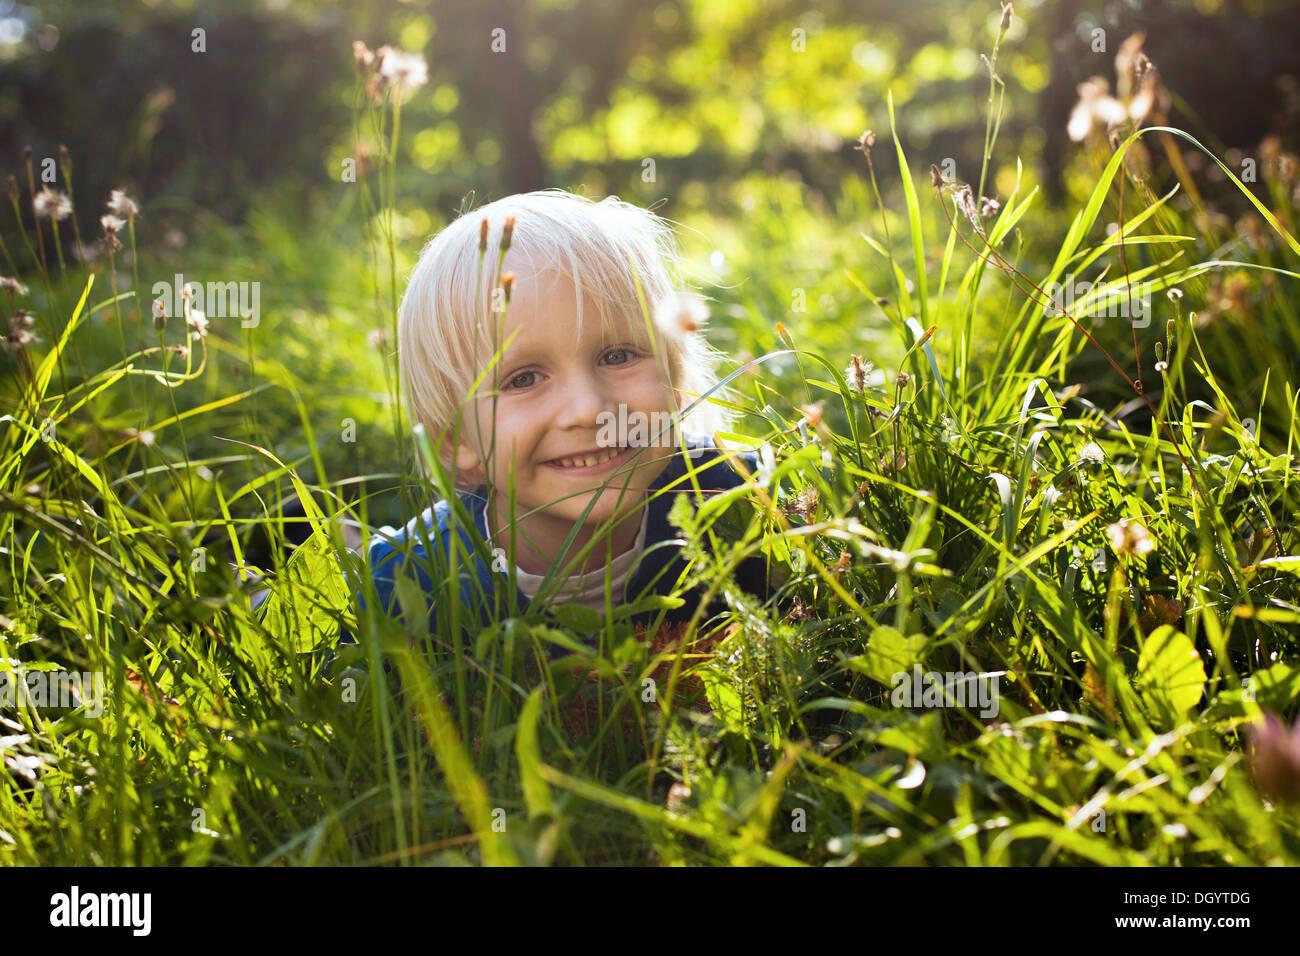 Niñito alegre rubia en la hierba Foto de stock